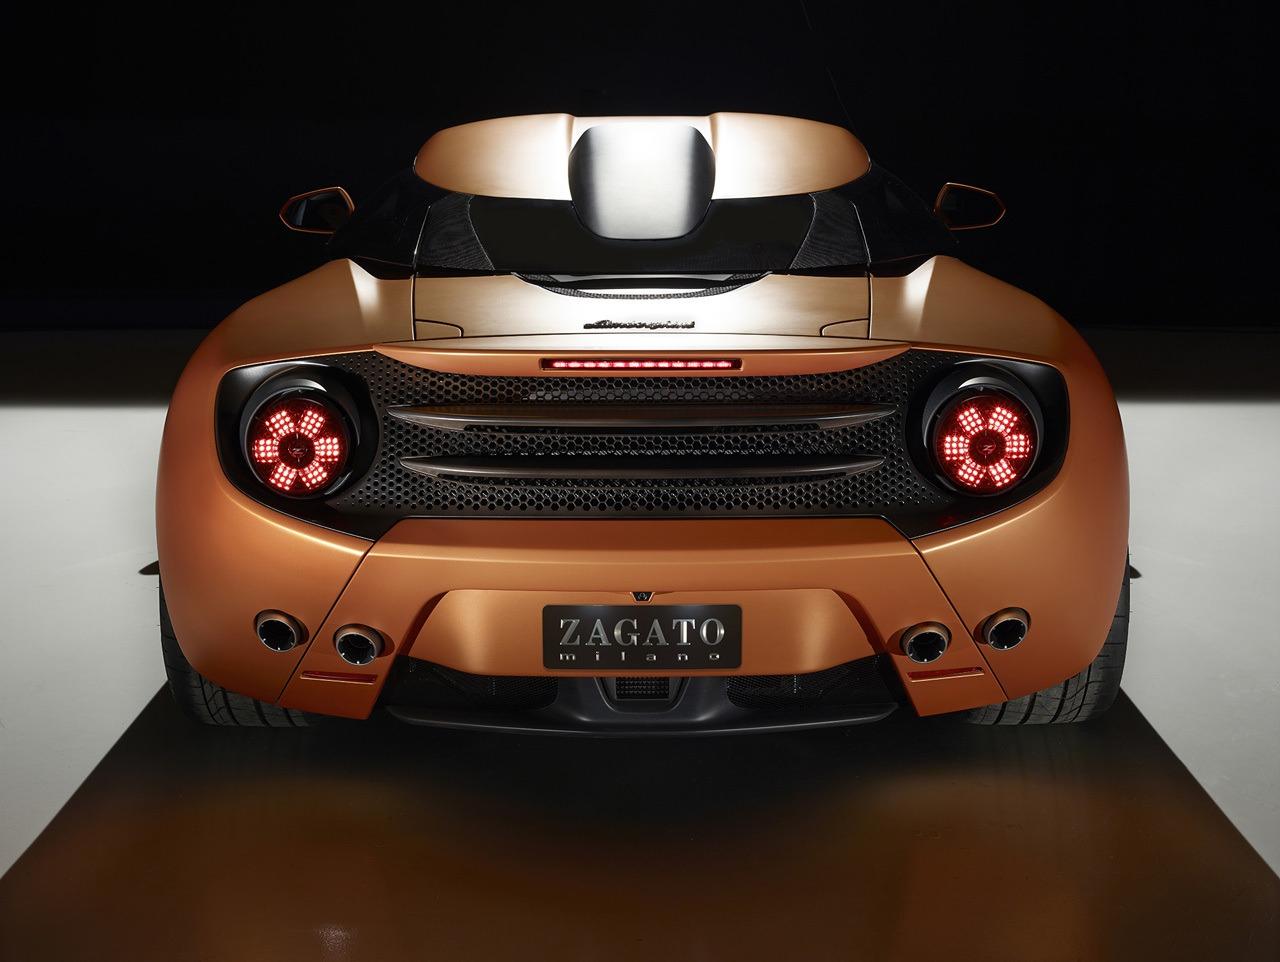 2014_Zagato_Lamborghini_5-95_04